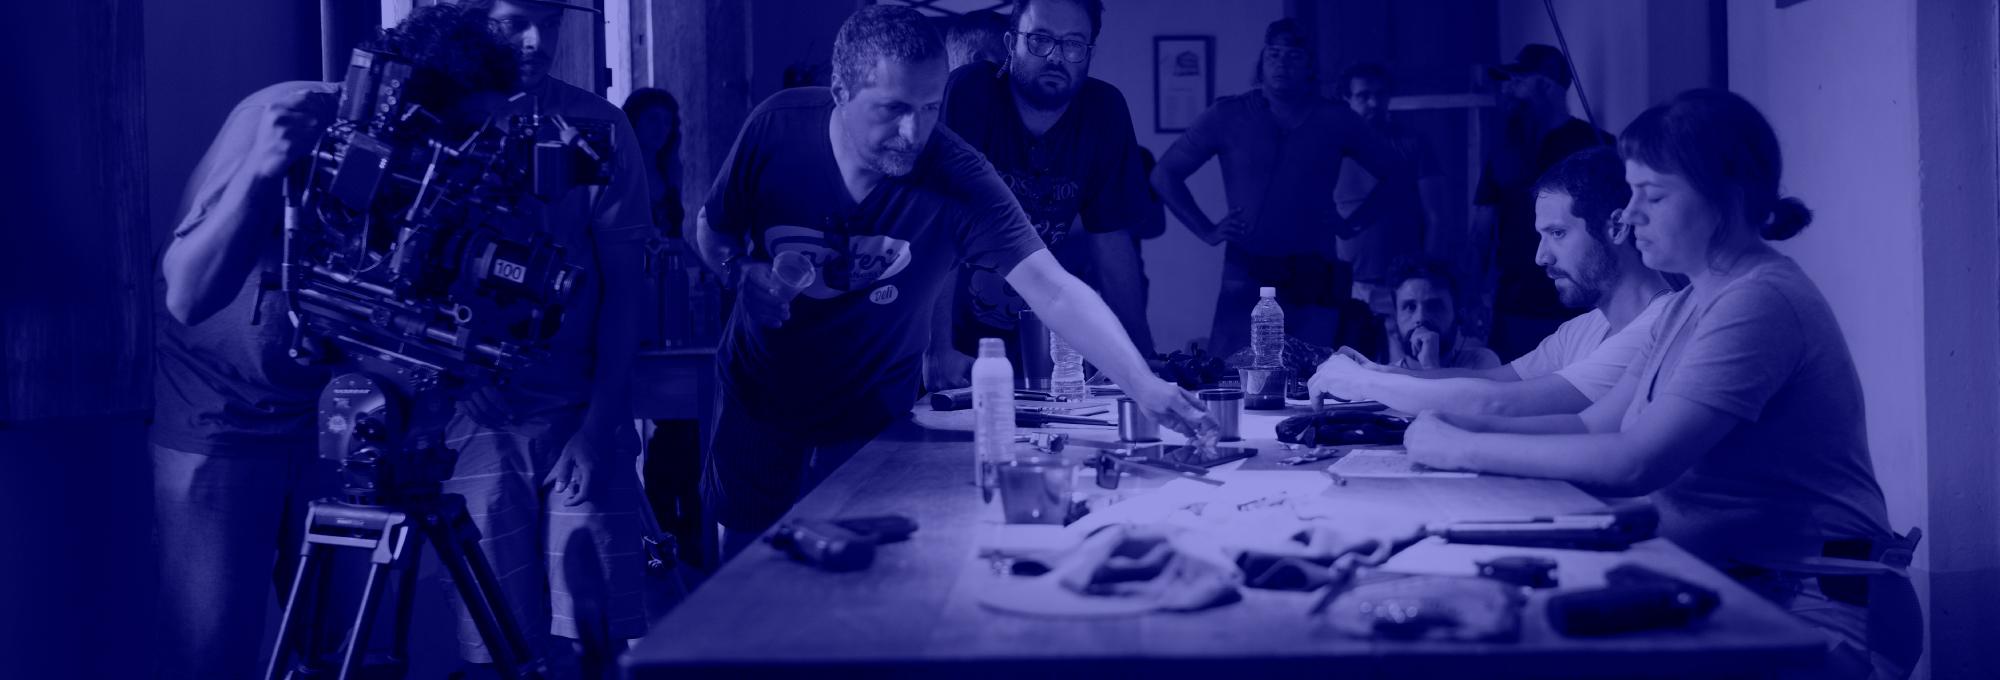 ENCONTROS com grandes realizadores | primeiro workshop com Kleber Mendonça Filho